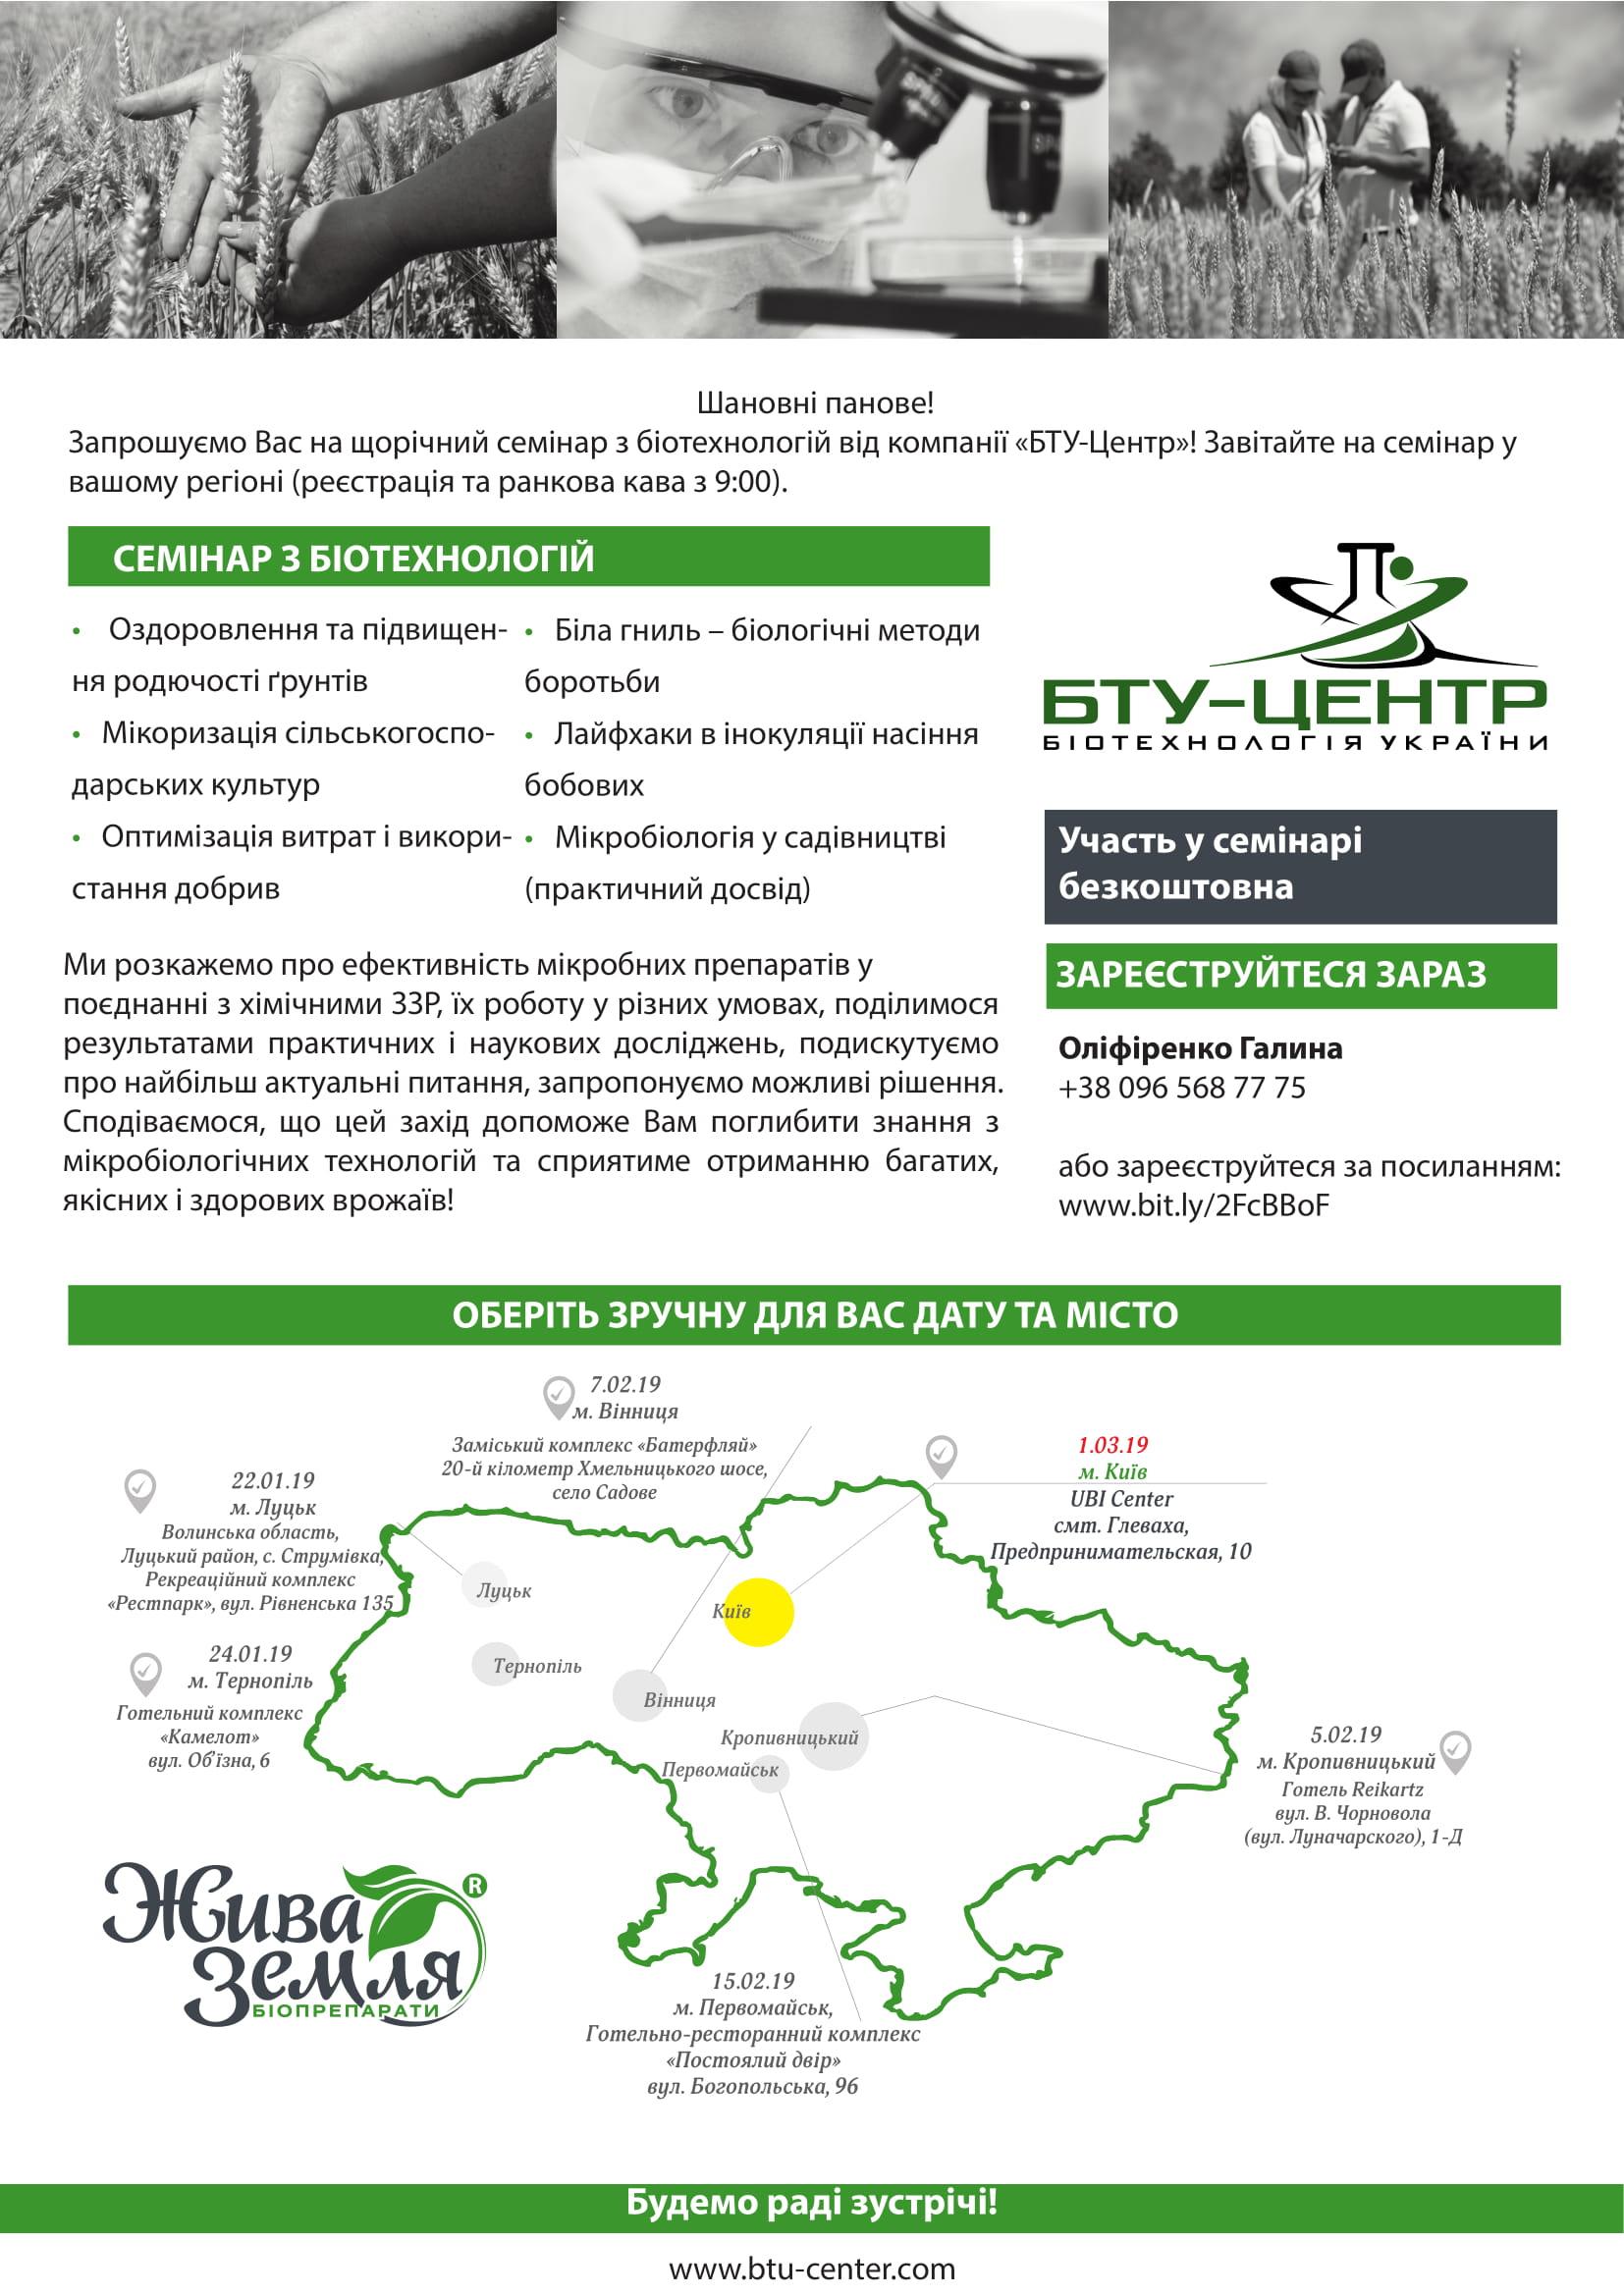 Це цікаво! Семінар з біотехнологій у Києві від компанії БТУ-ЦЕНТР